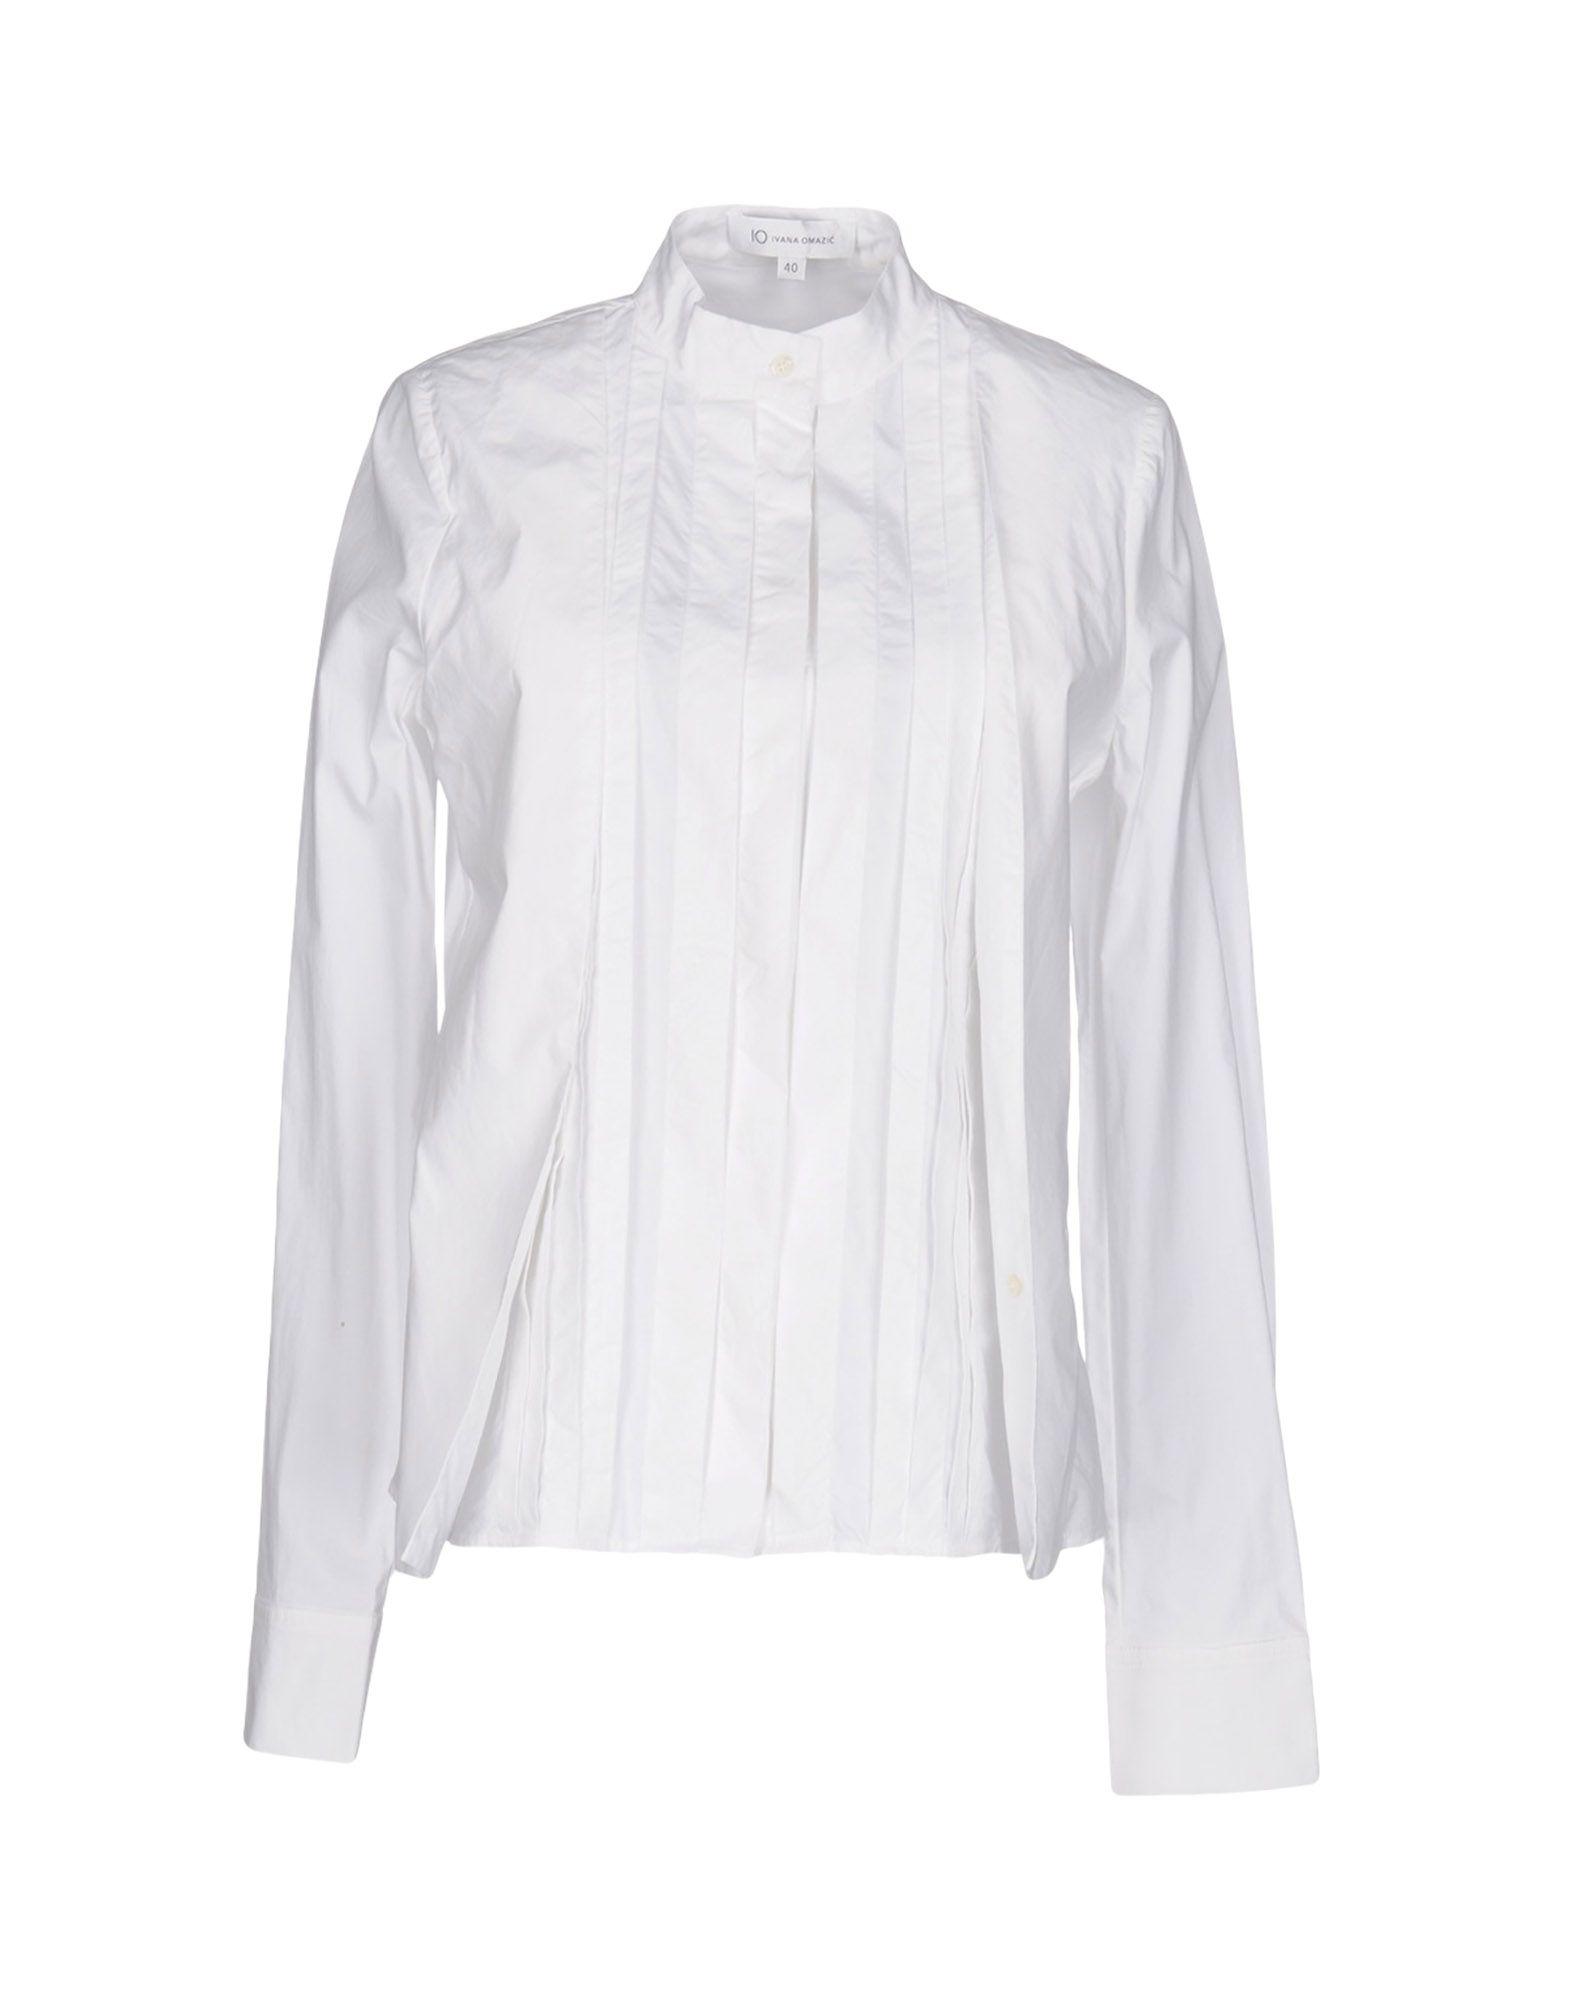 IO IVANA OMAZIĆ Pубашка io ivana omazić футболка